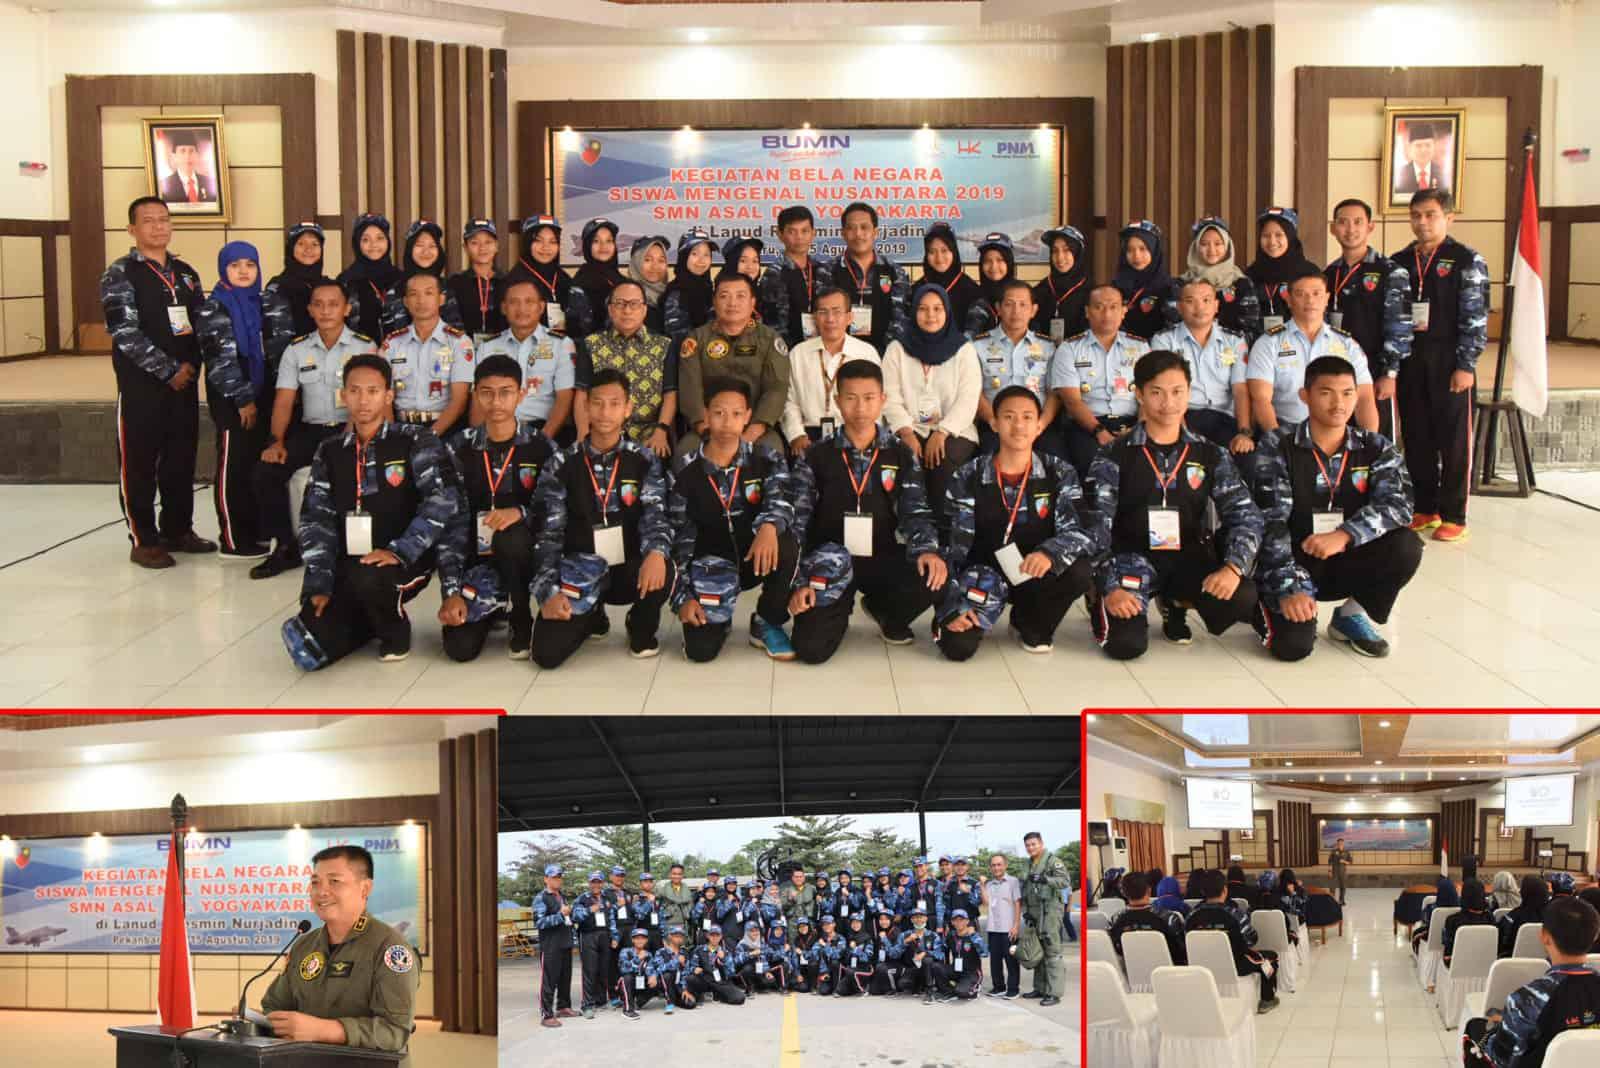 Danlanud Rsn, Perkenalkan Alutsista Kepada SMN Asal Yogyakarta